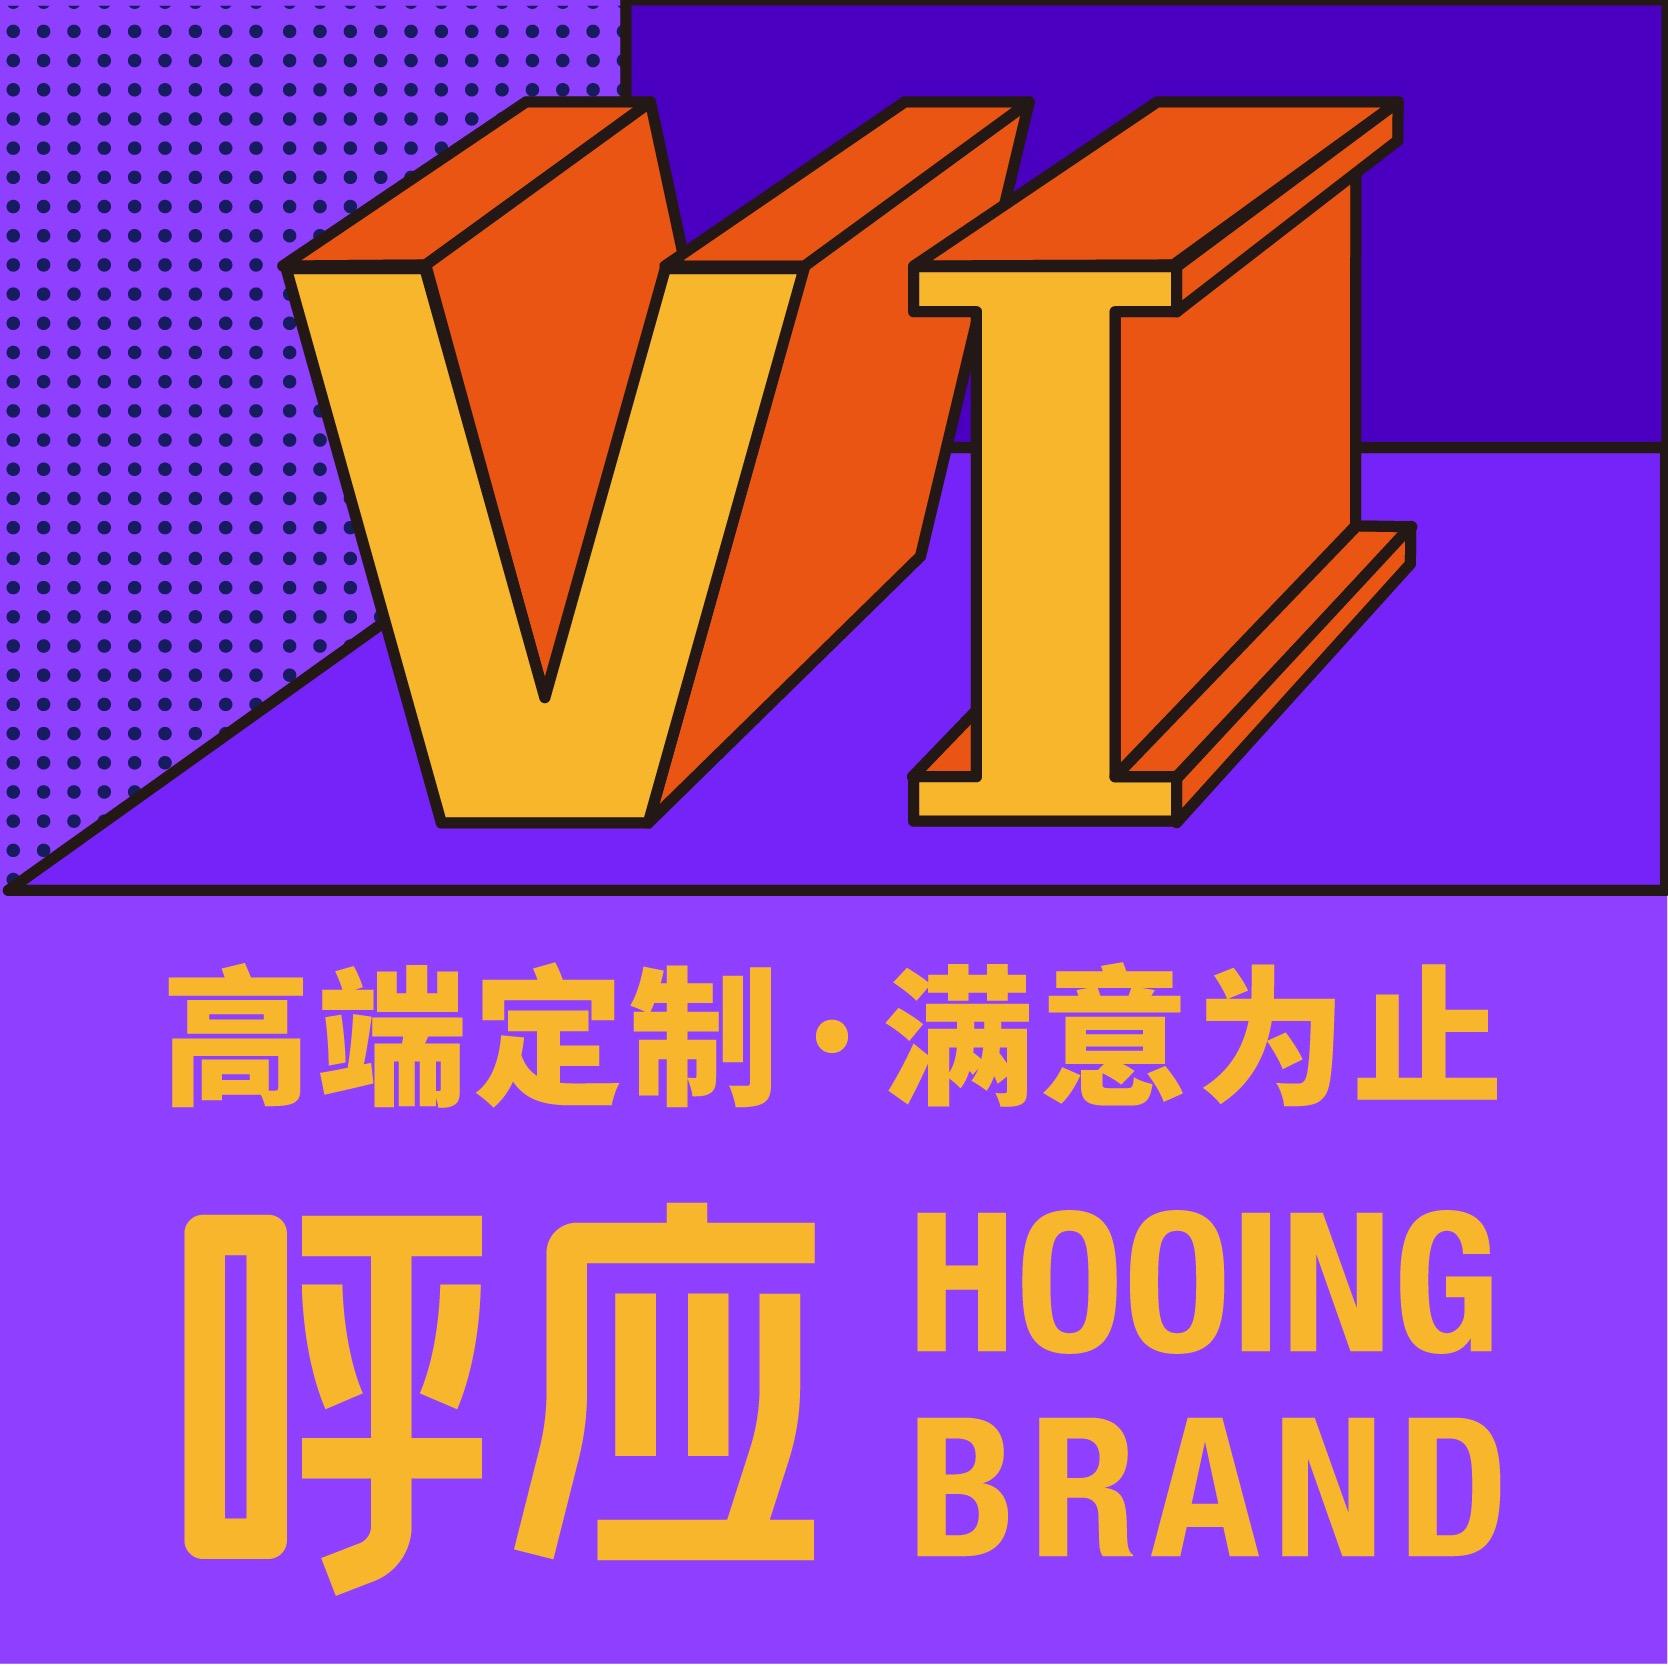 餐饮品牌VI设计全案新中式日式形象系统设计